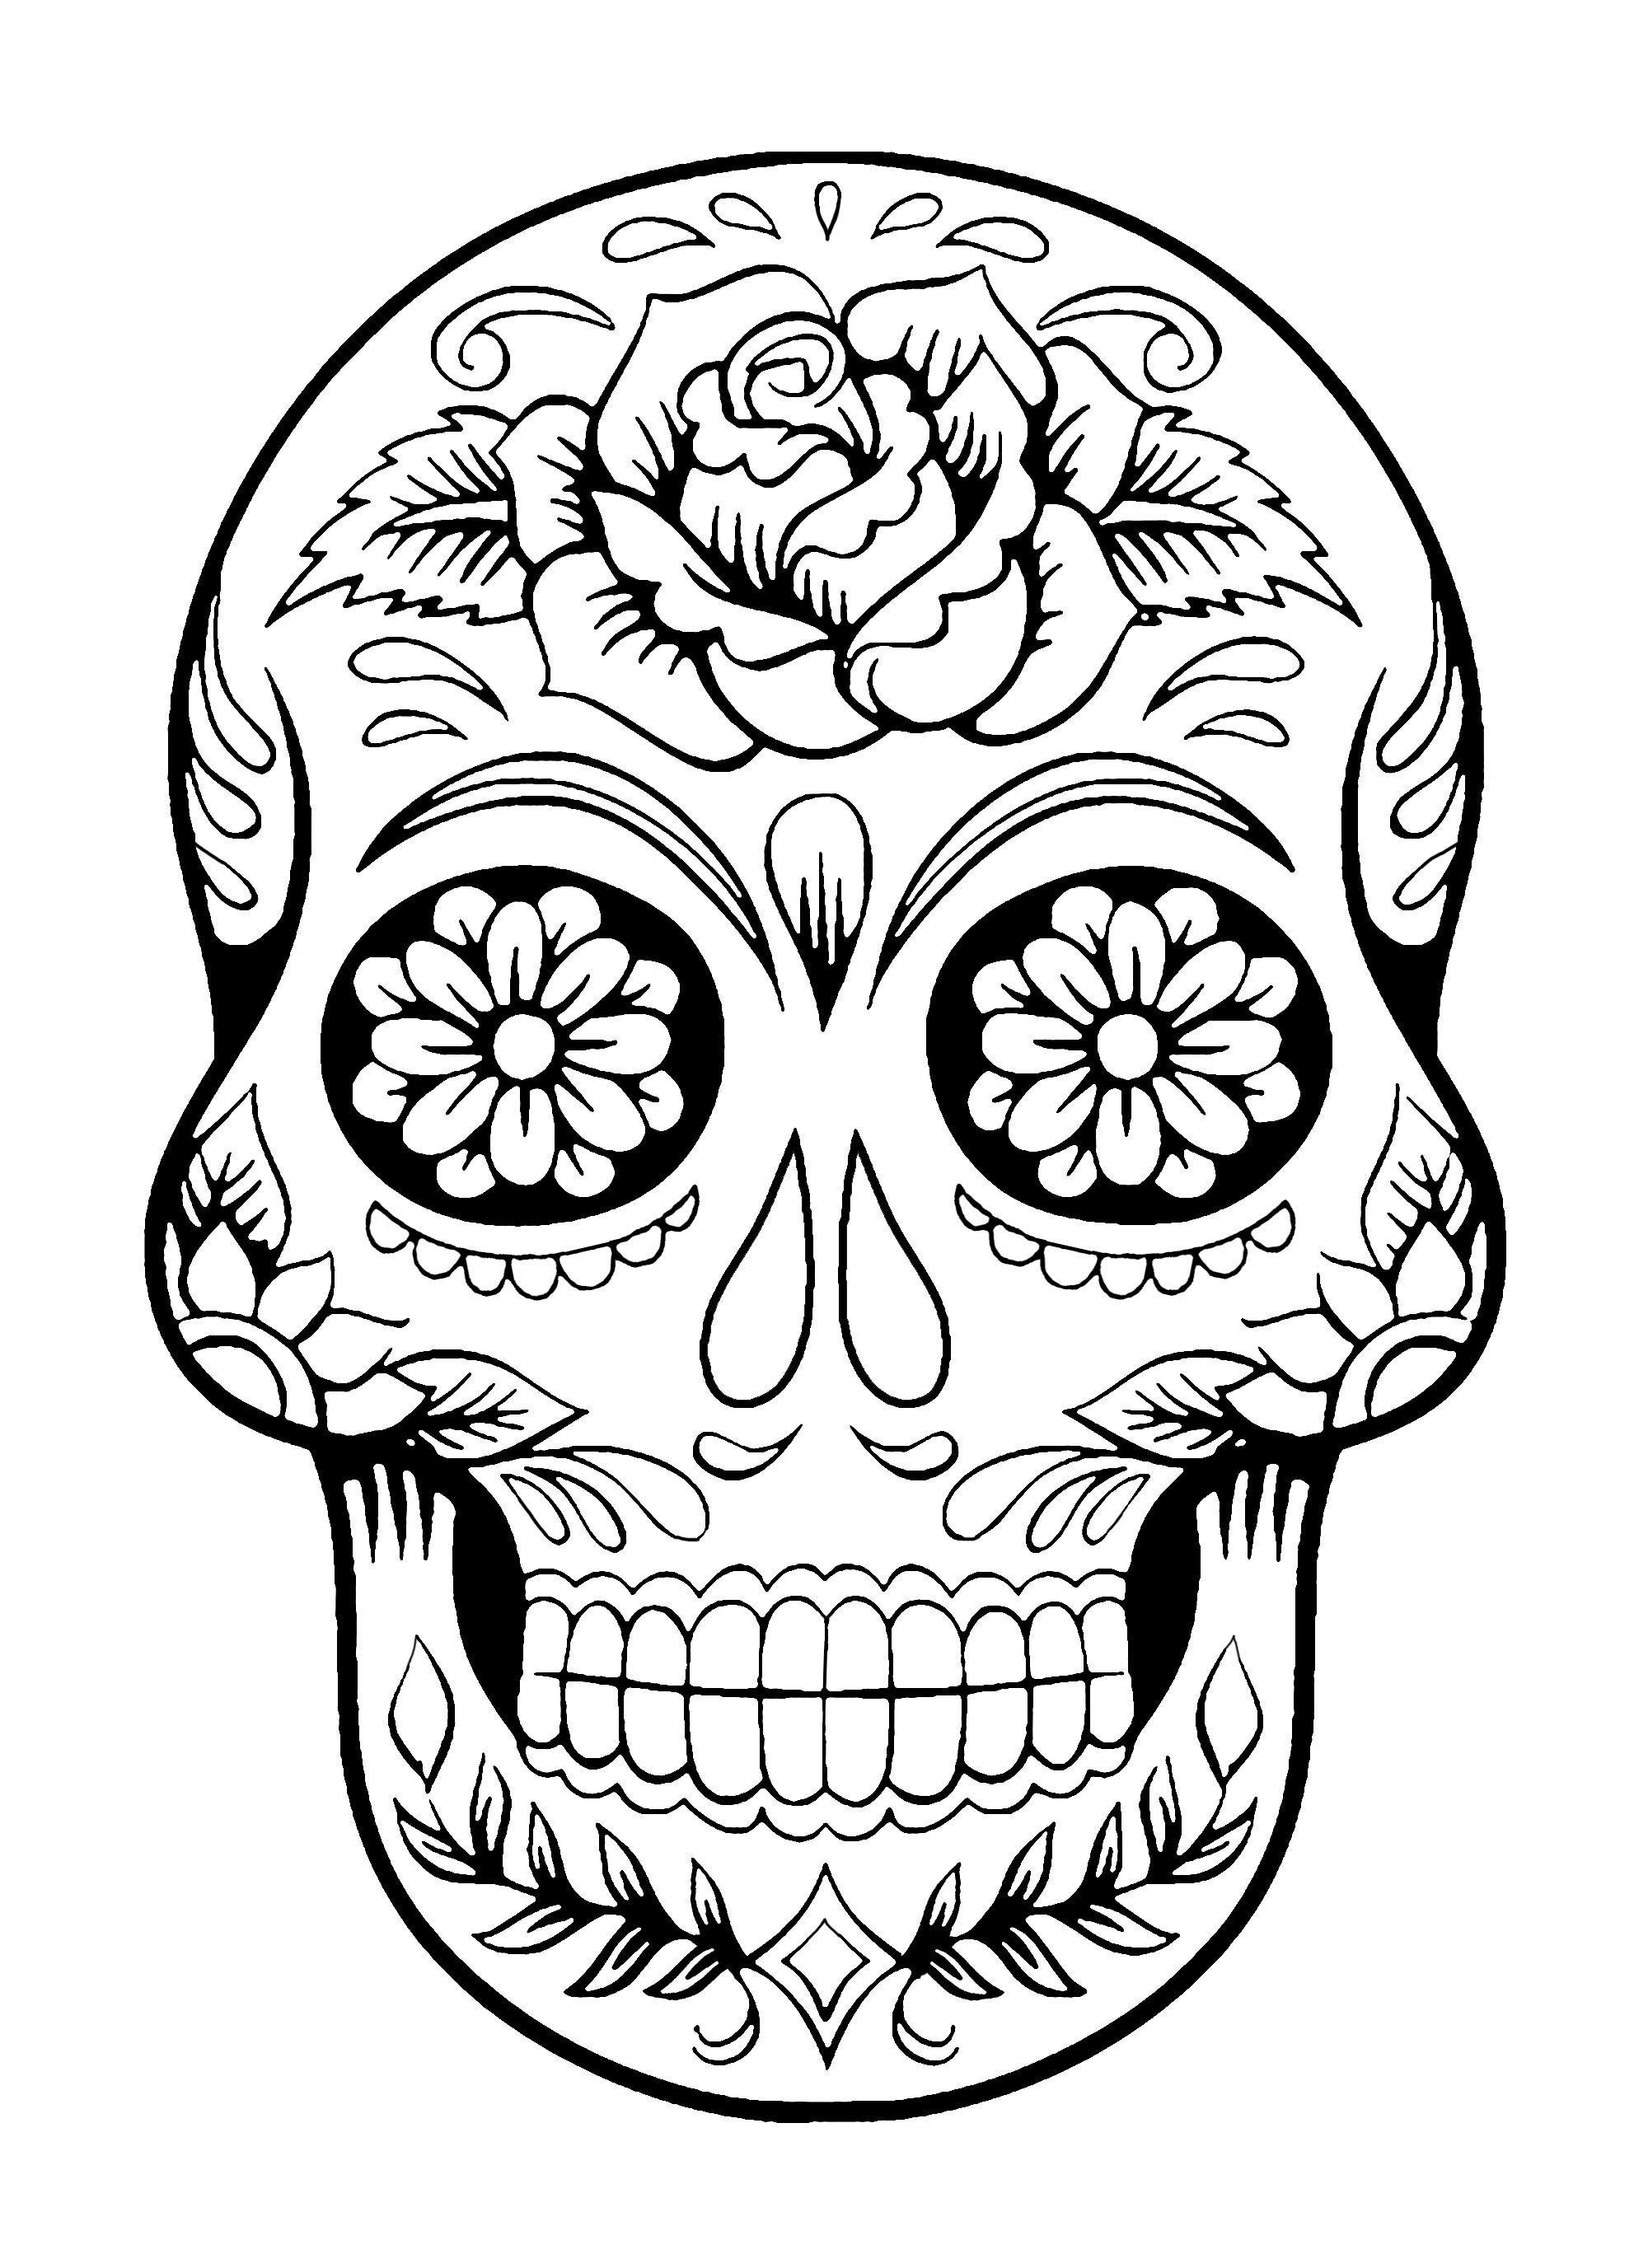 Sugar Skull Printable Coloring Pages 1 Free Coloring Sheets Skull Coloring Pages Sugar Skull Drawing Skull Drawing